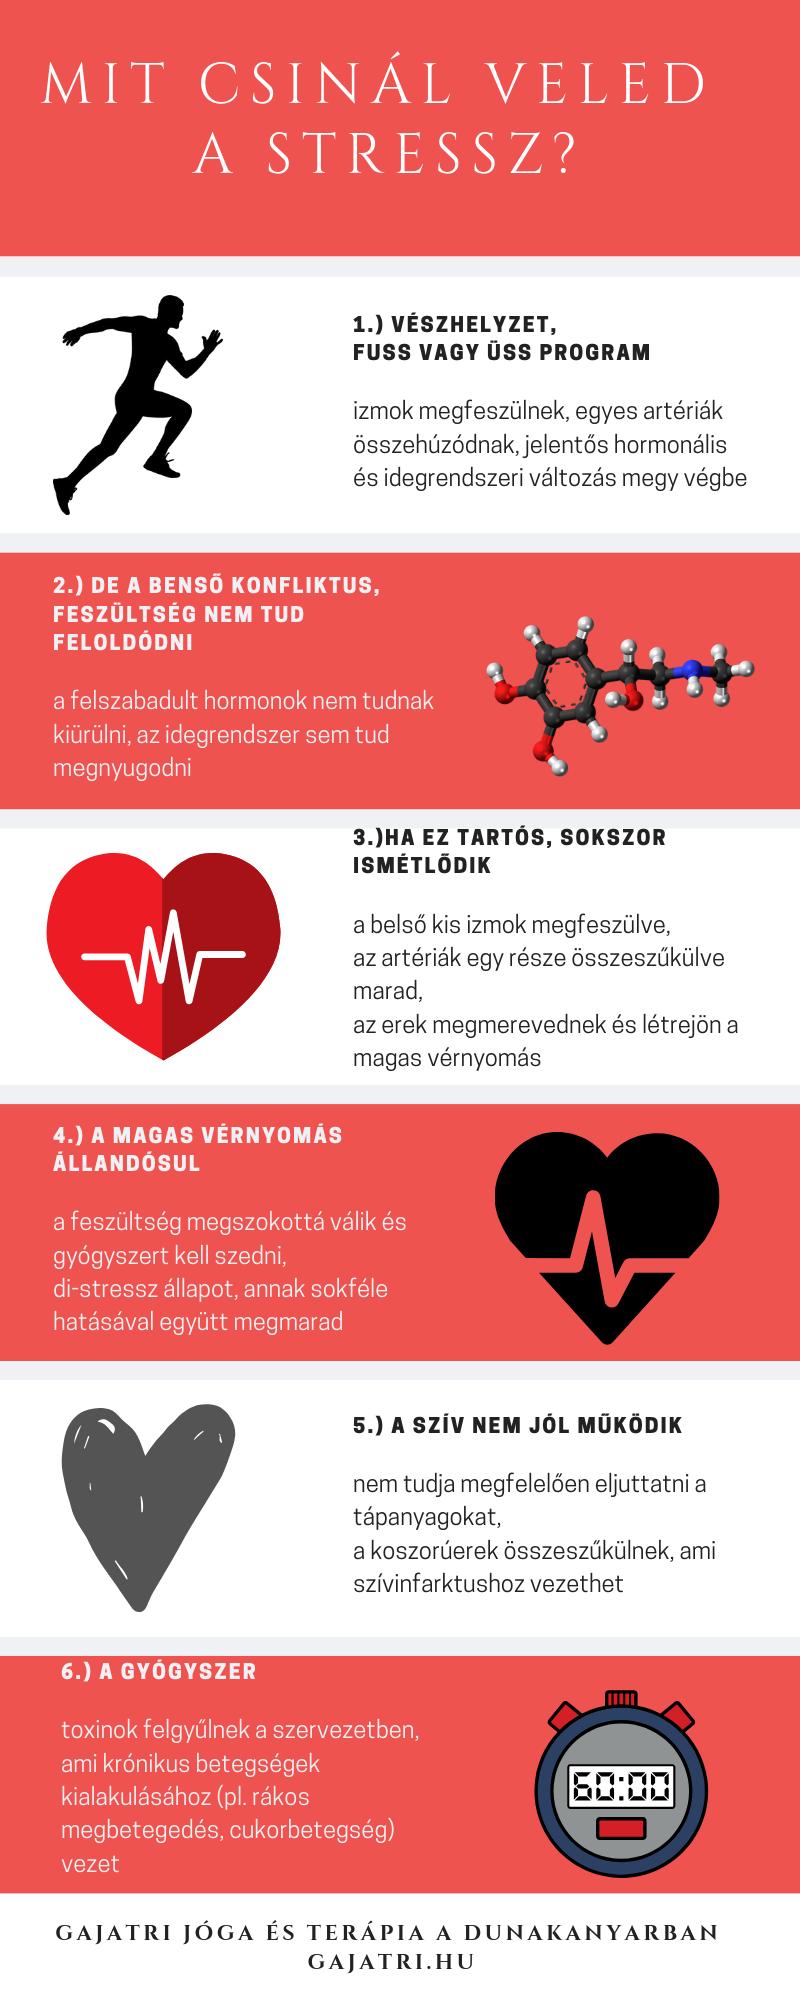 magas vérnyomás elleni testgyakorlás)